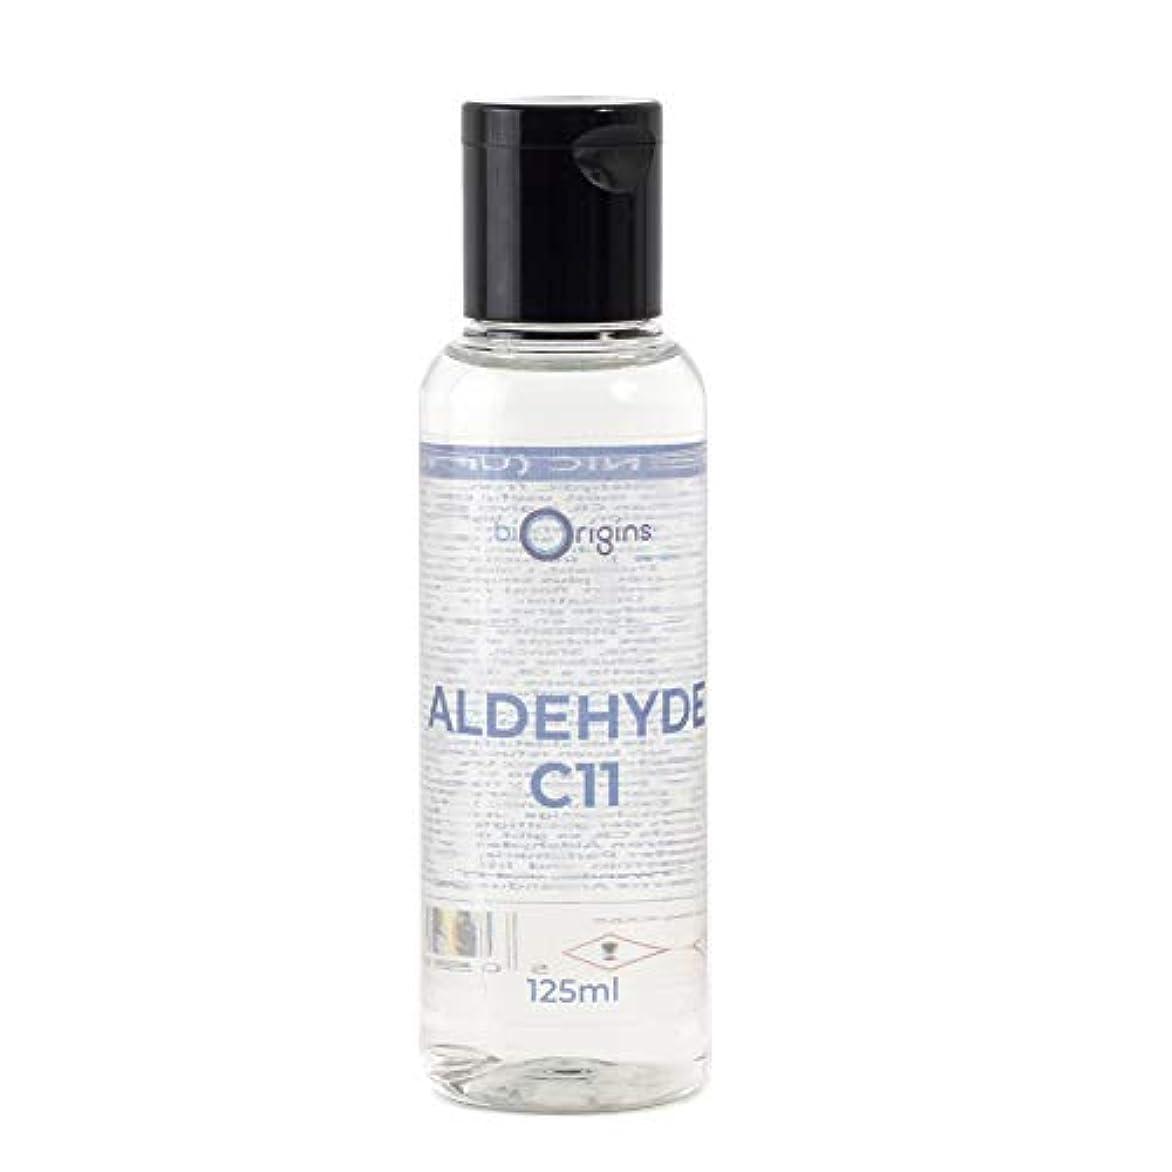 商品体操説得力のあるMystic Moments   Aldehyde C11 ENIC (Undecenal) - 250ml